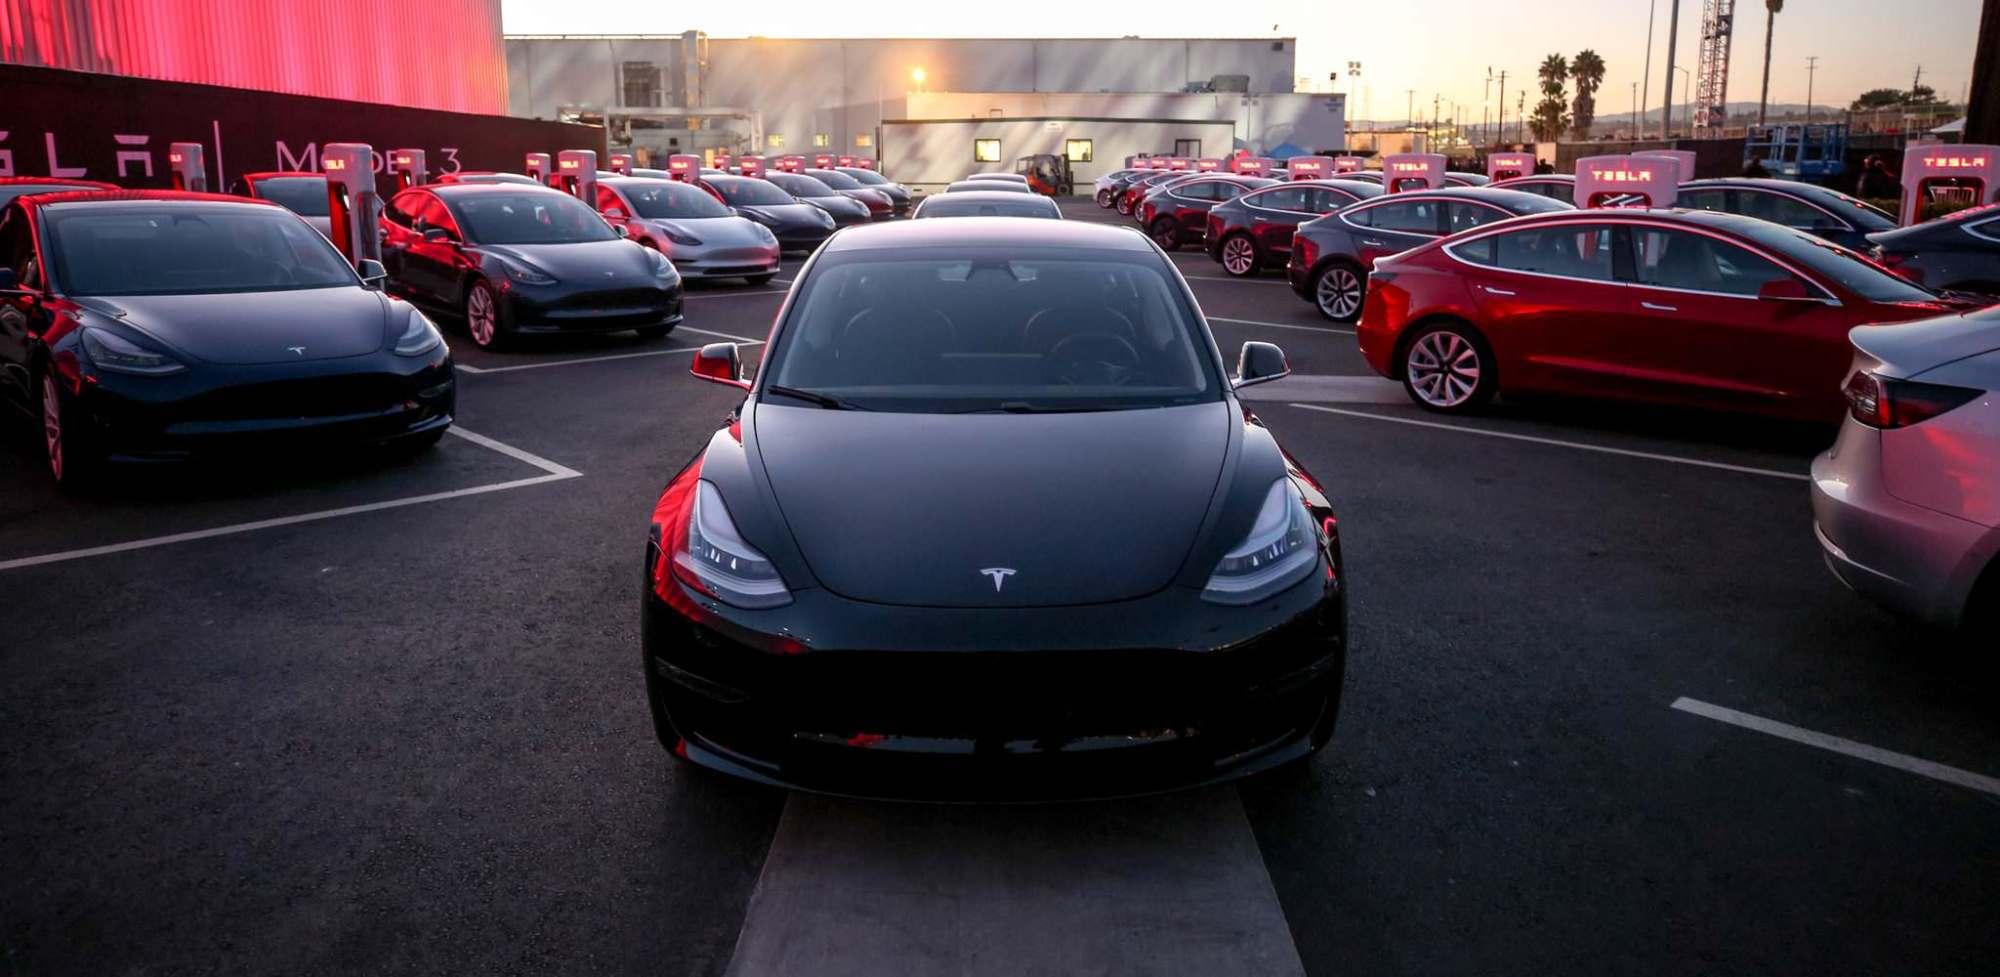 Model 3生产加速显成效 交付周期缩短一半